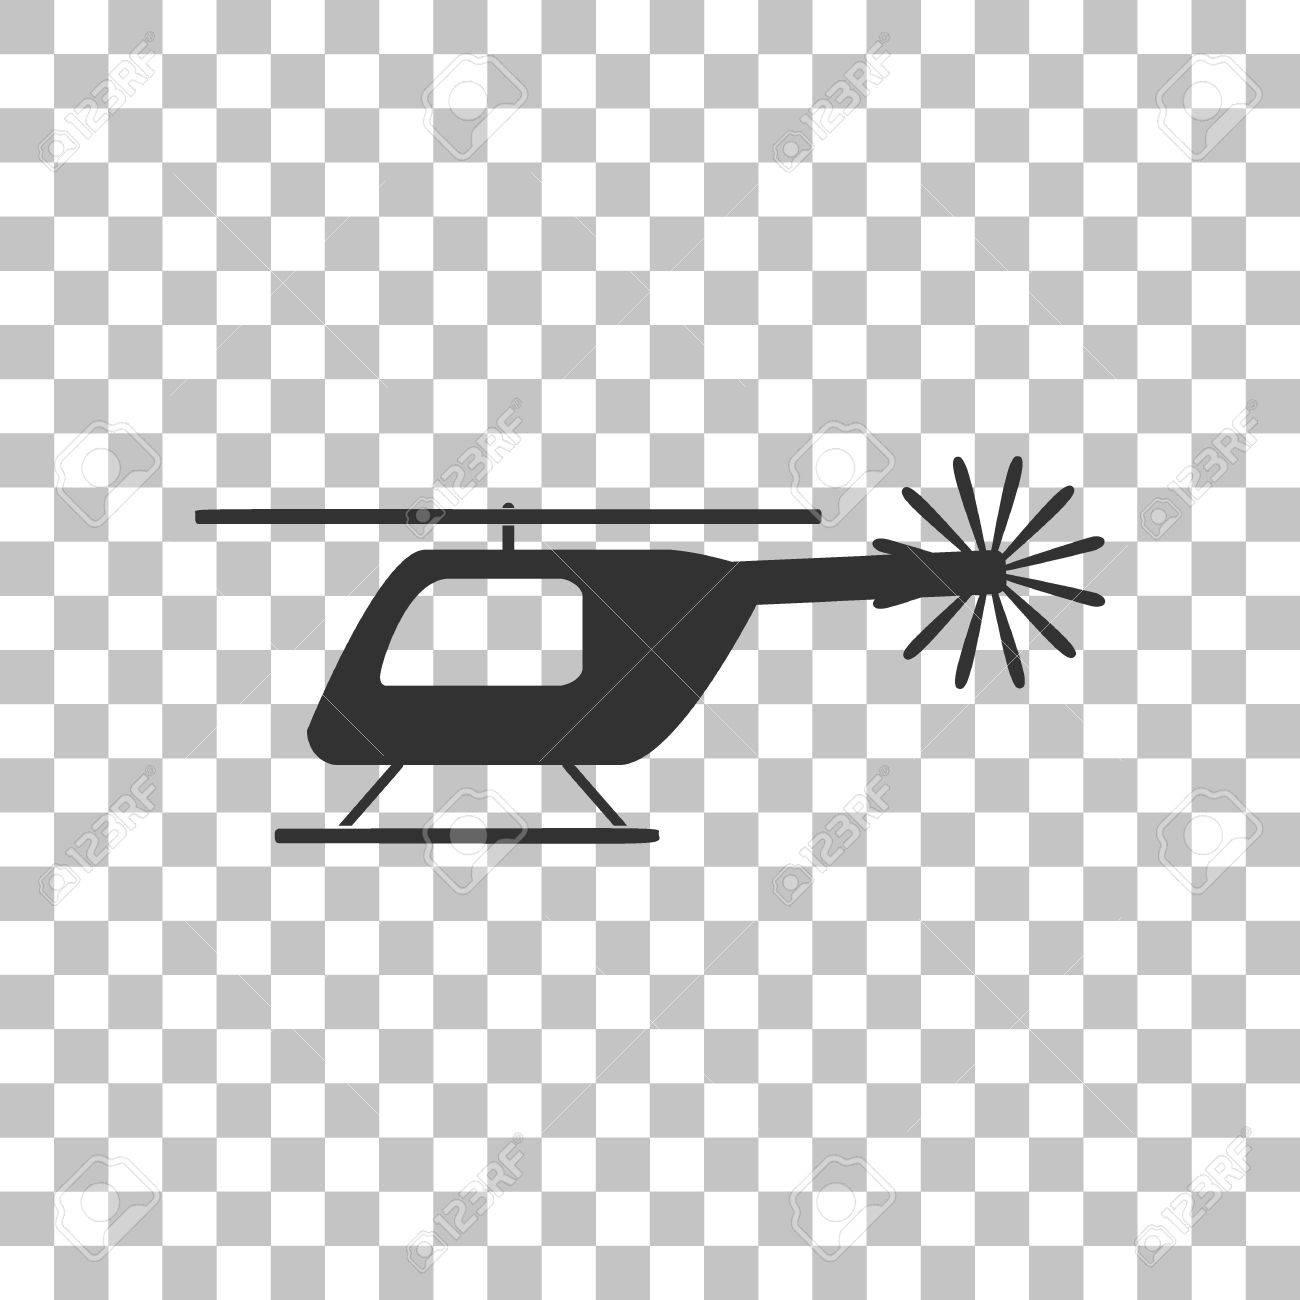 ヘリコプターのサインのイラスト。透明な背景に暗い灰色のアイコン